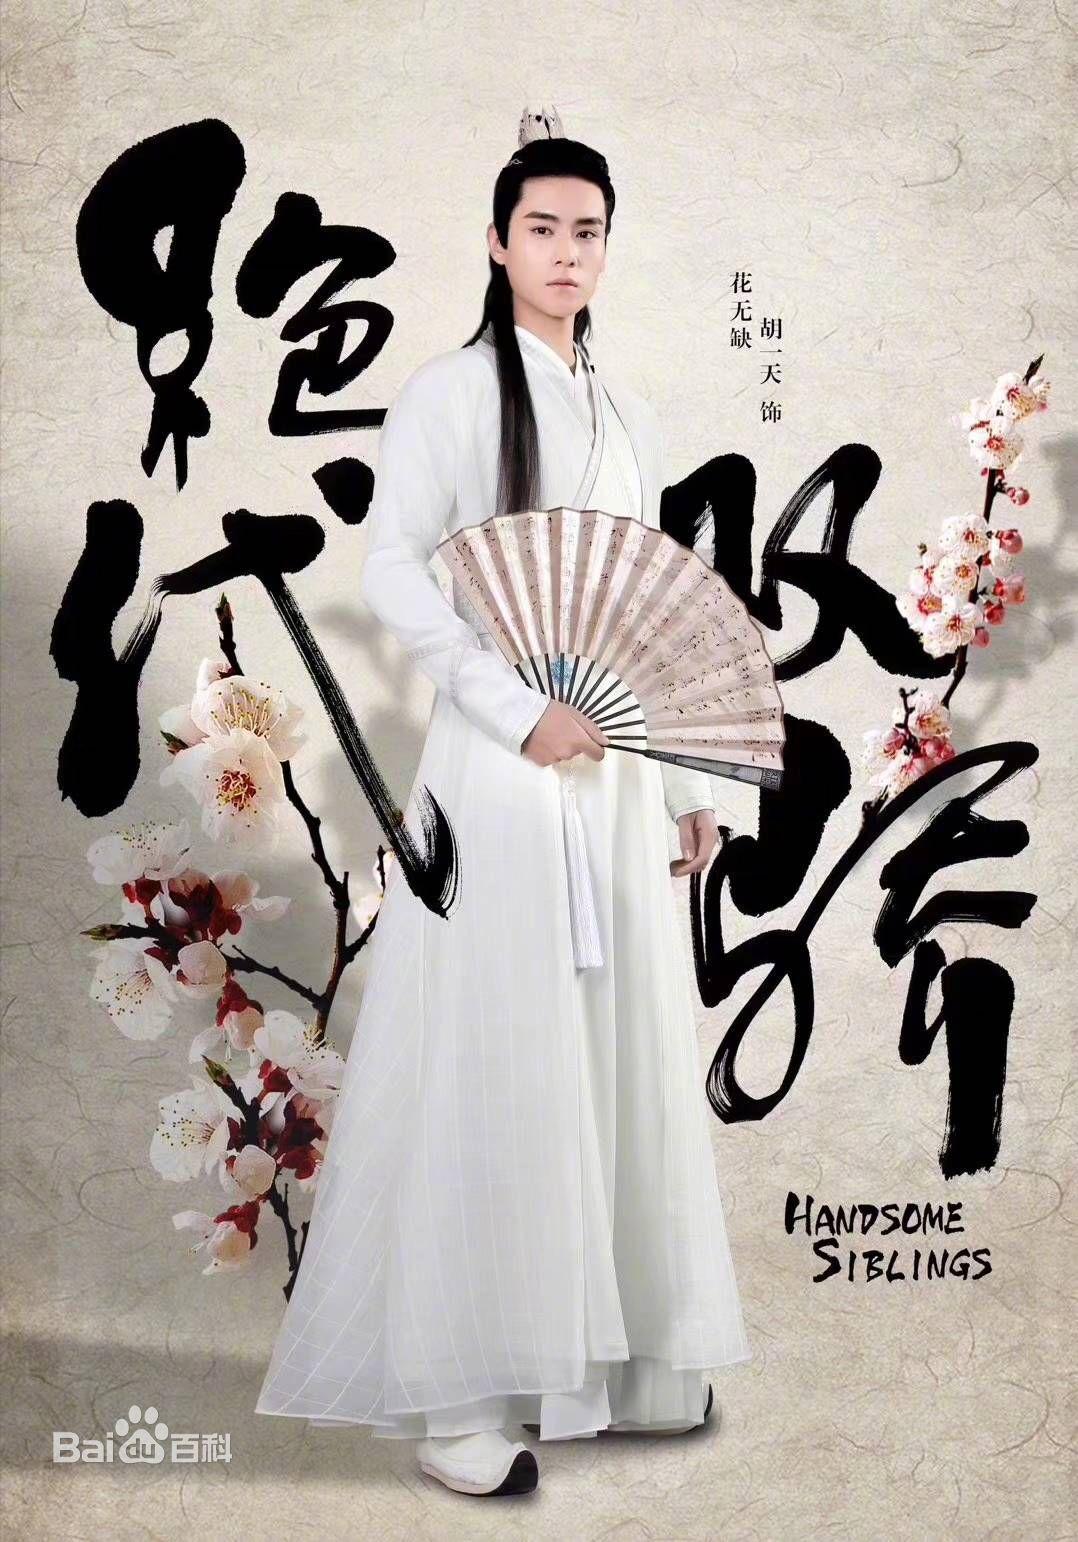 Handsome Siblings: Hua Wu Que